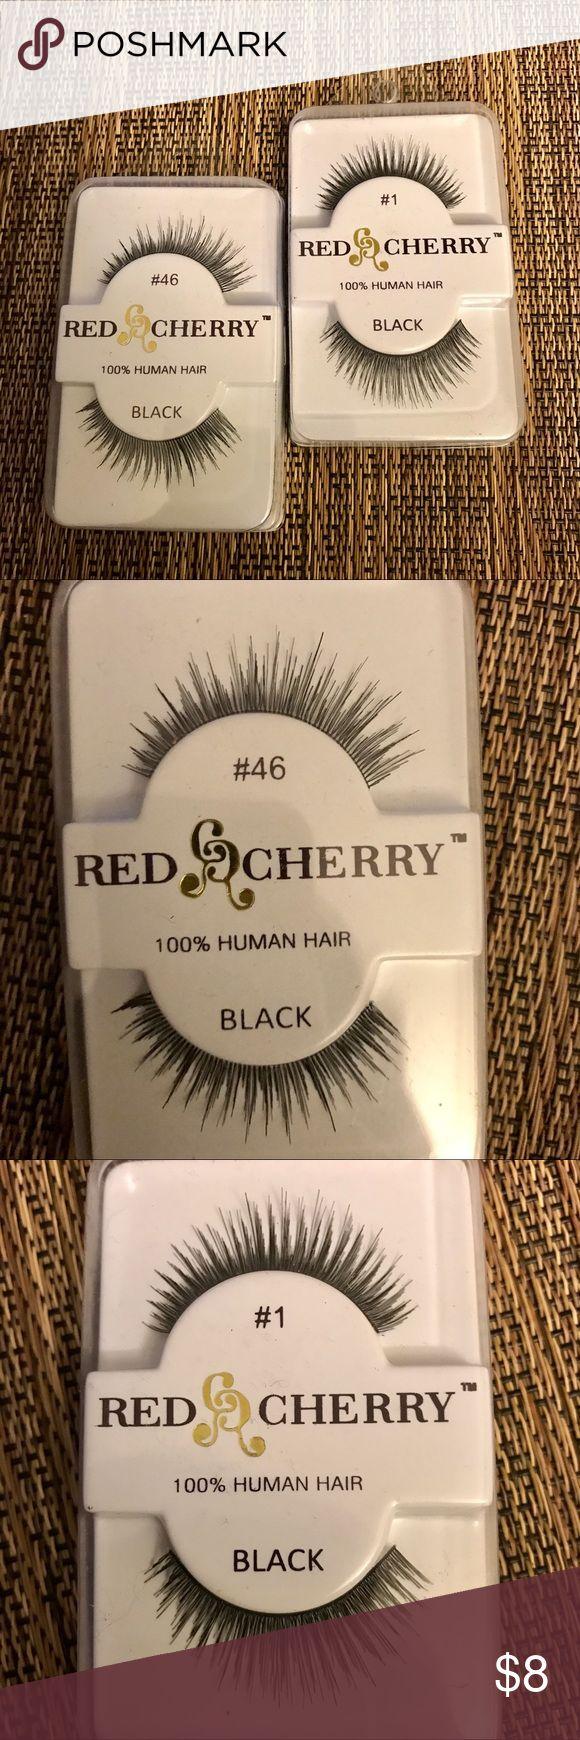 🆕 Red Cherry False Eyelashes (Set of 2) This bundle of brand new false eyelashes comes with 2 types of false eyelashes from Red Cherry. Red Cherry Makeup False Eyelashes